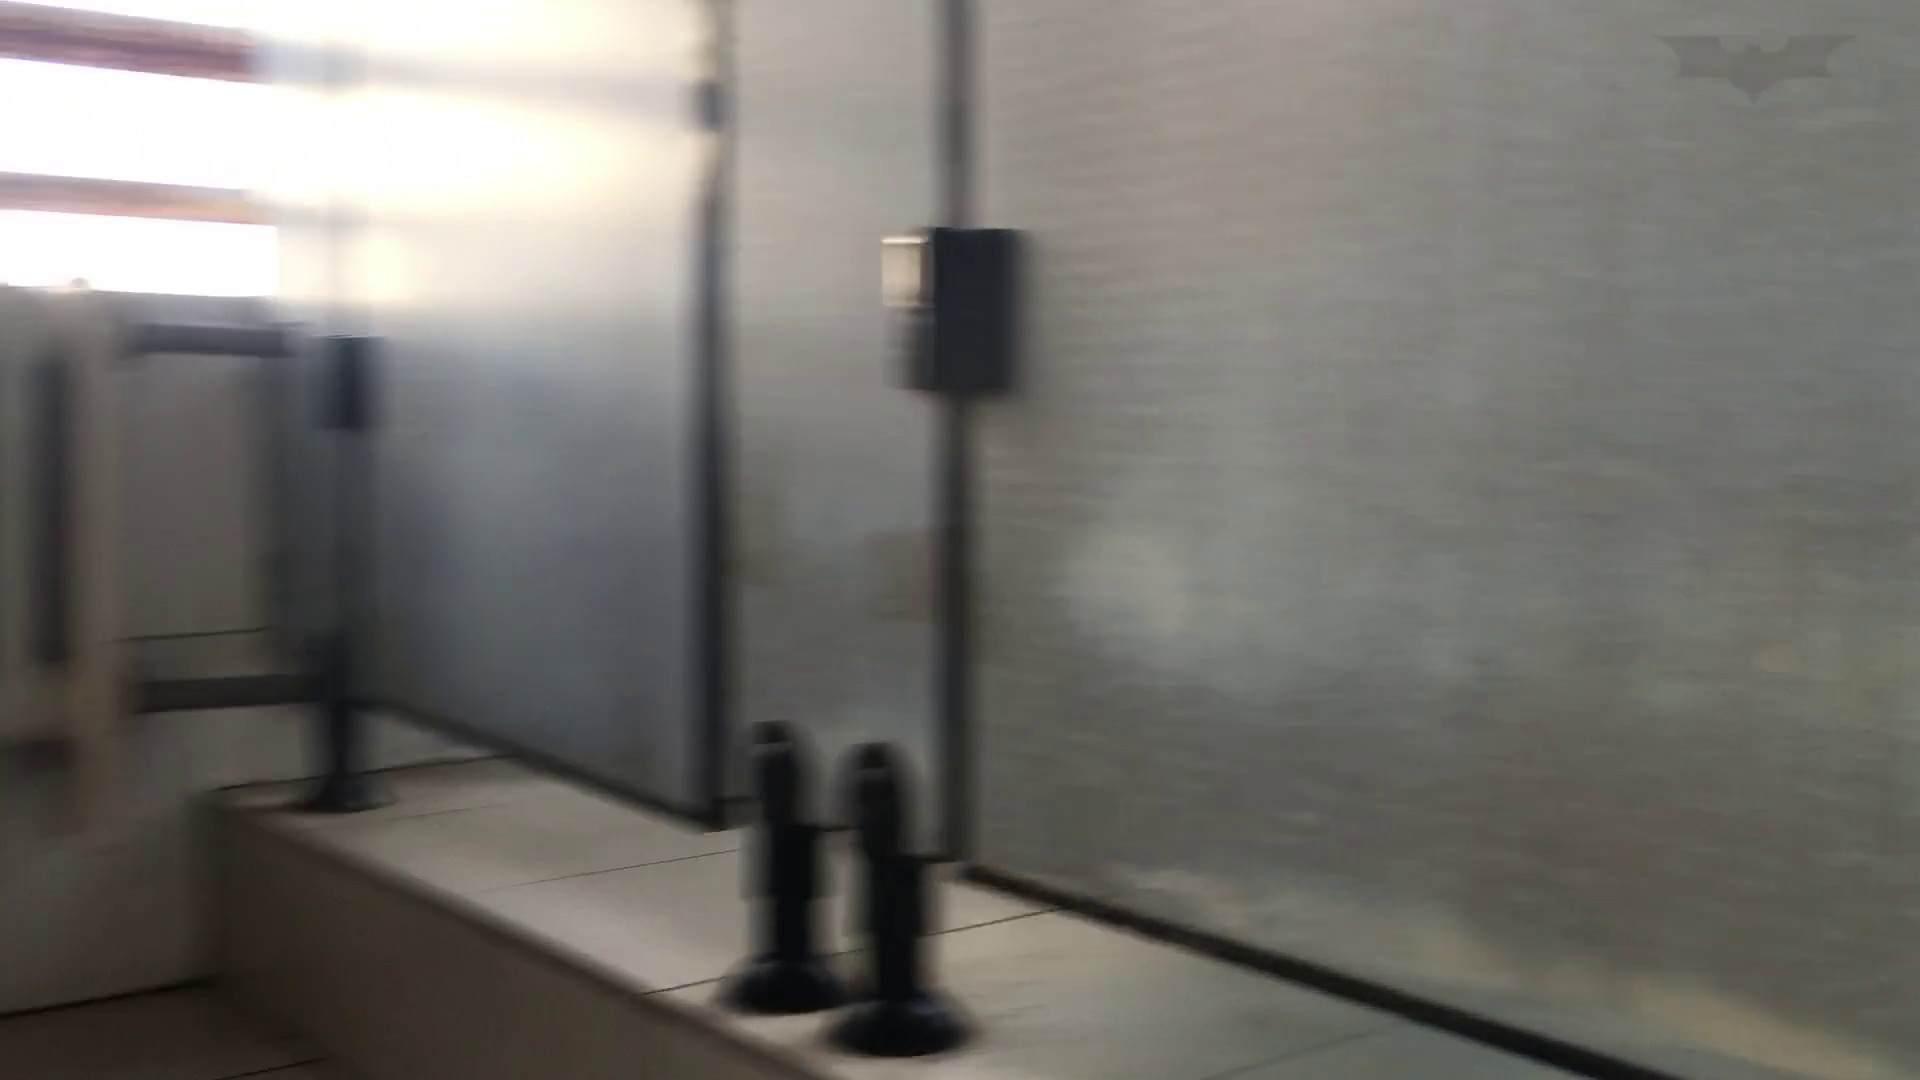 芸術大学ガチ潜入盗撮 JD盗撮 美女の洗面所の秘密 Vol.91 トイレの実態 オマンコ無修正動画無料 58PIX 5